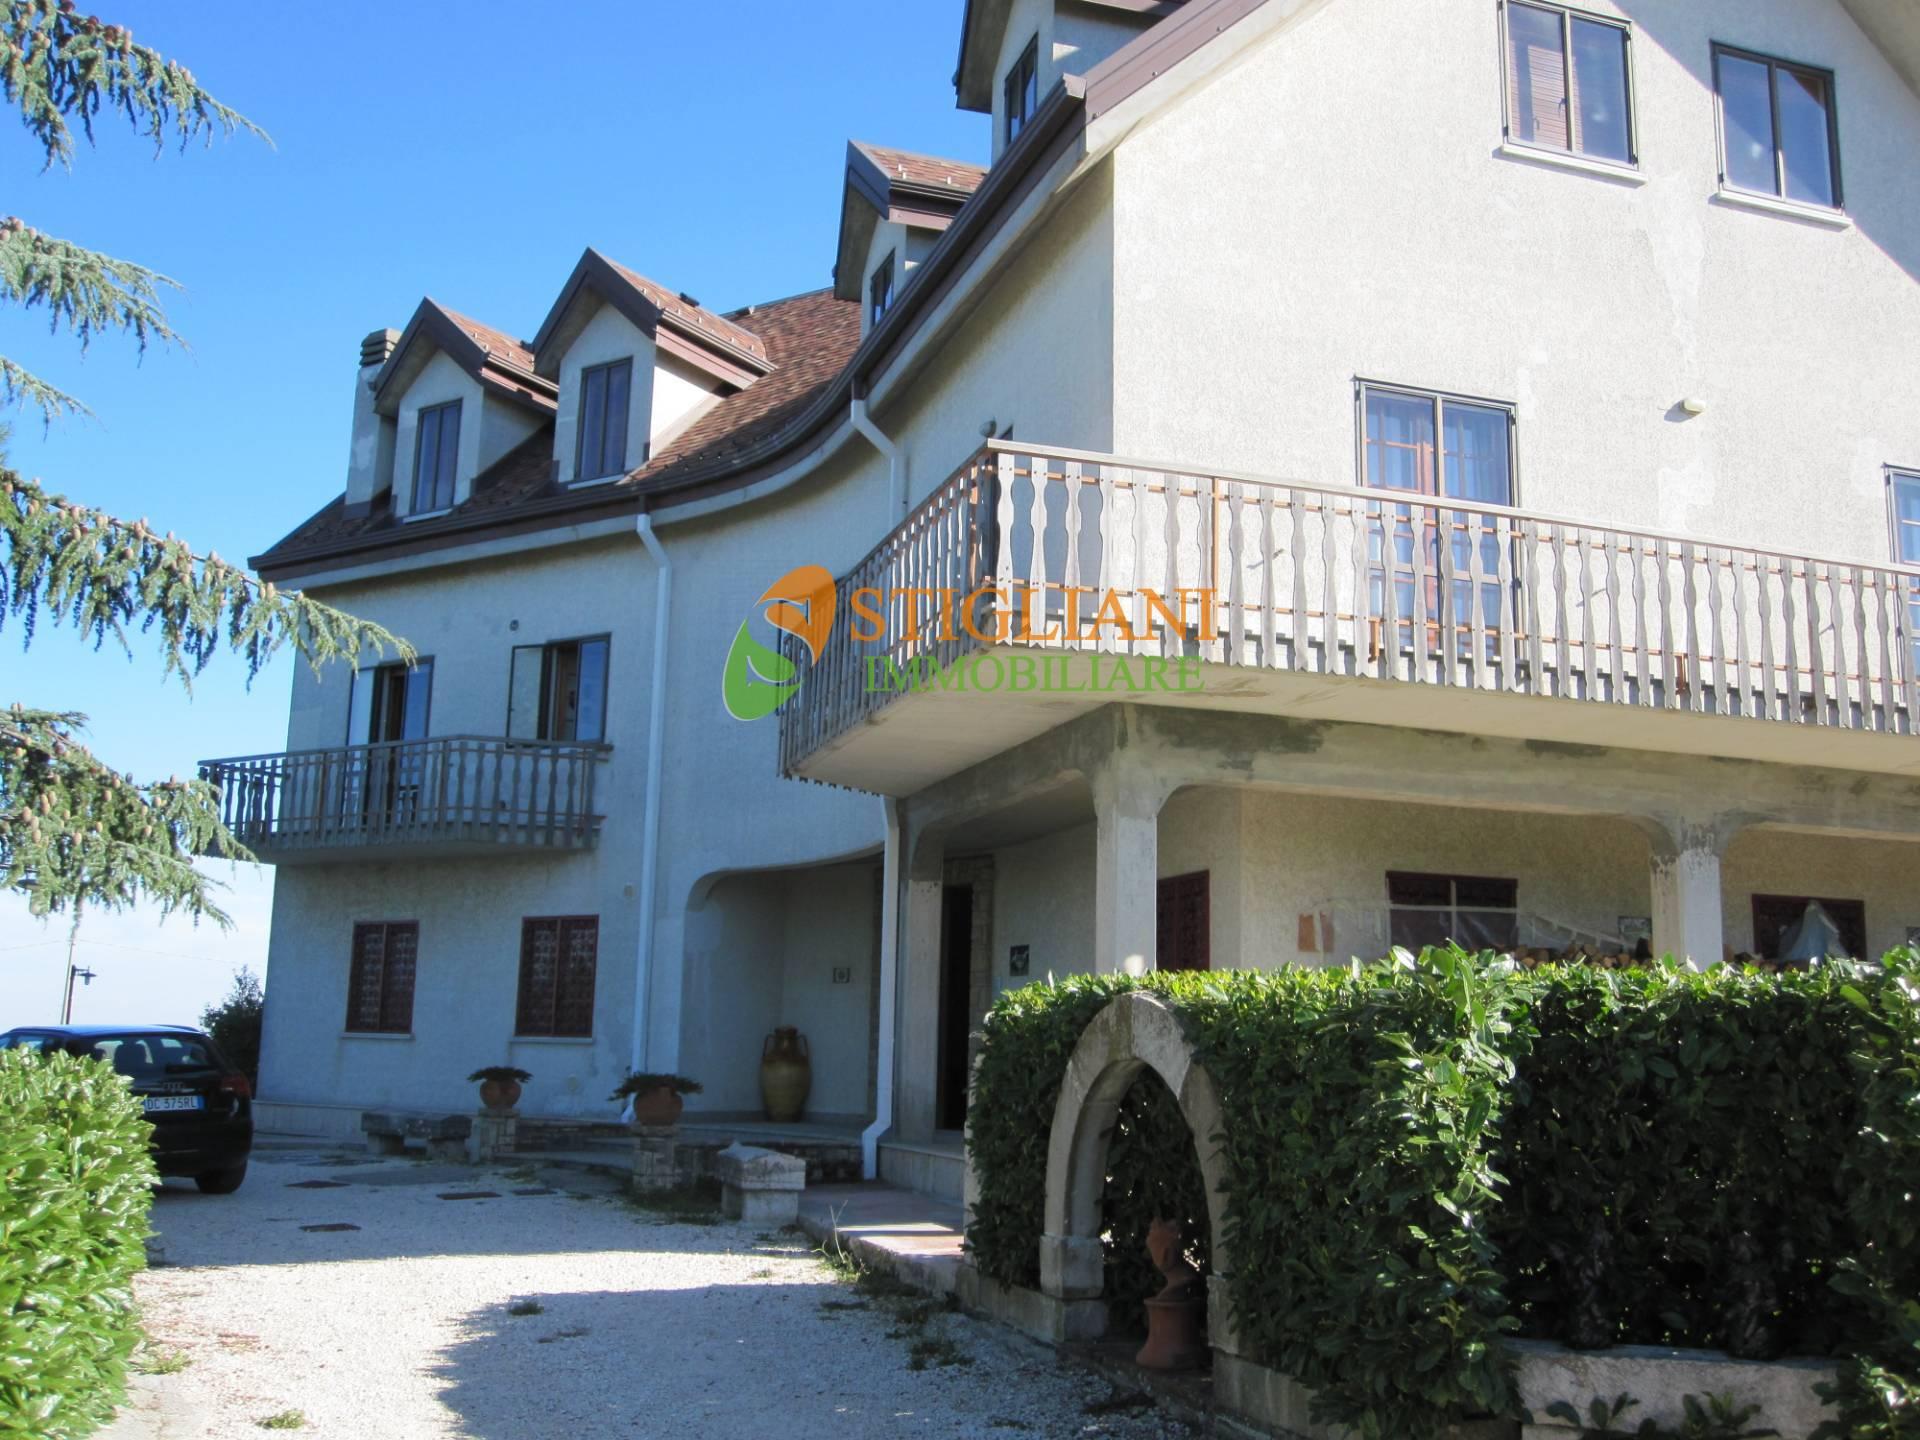 Appartamento in affitto a Campobasso, 4 locali, zona Località: Periferia, prezzo € 500 | CambioCasa.it